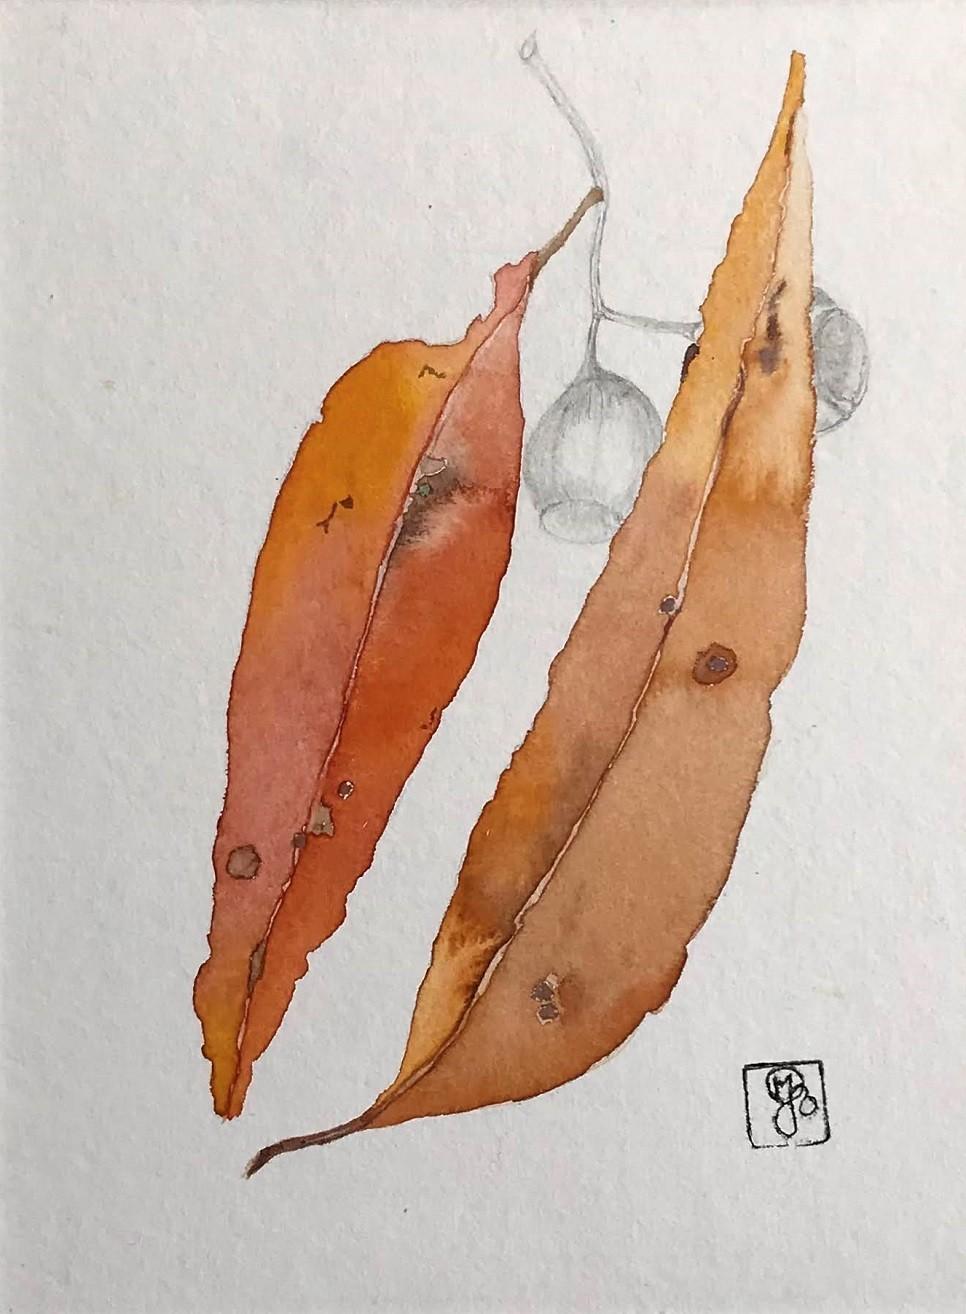 Corymbia No 2